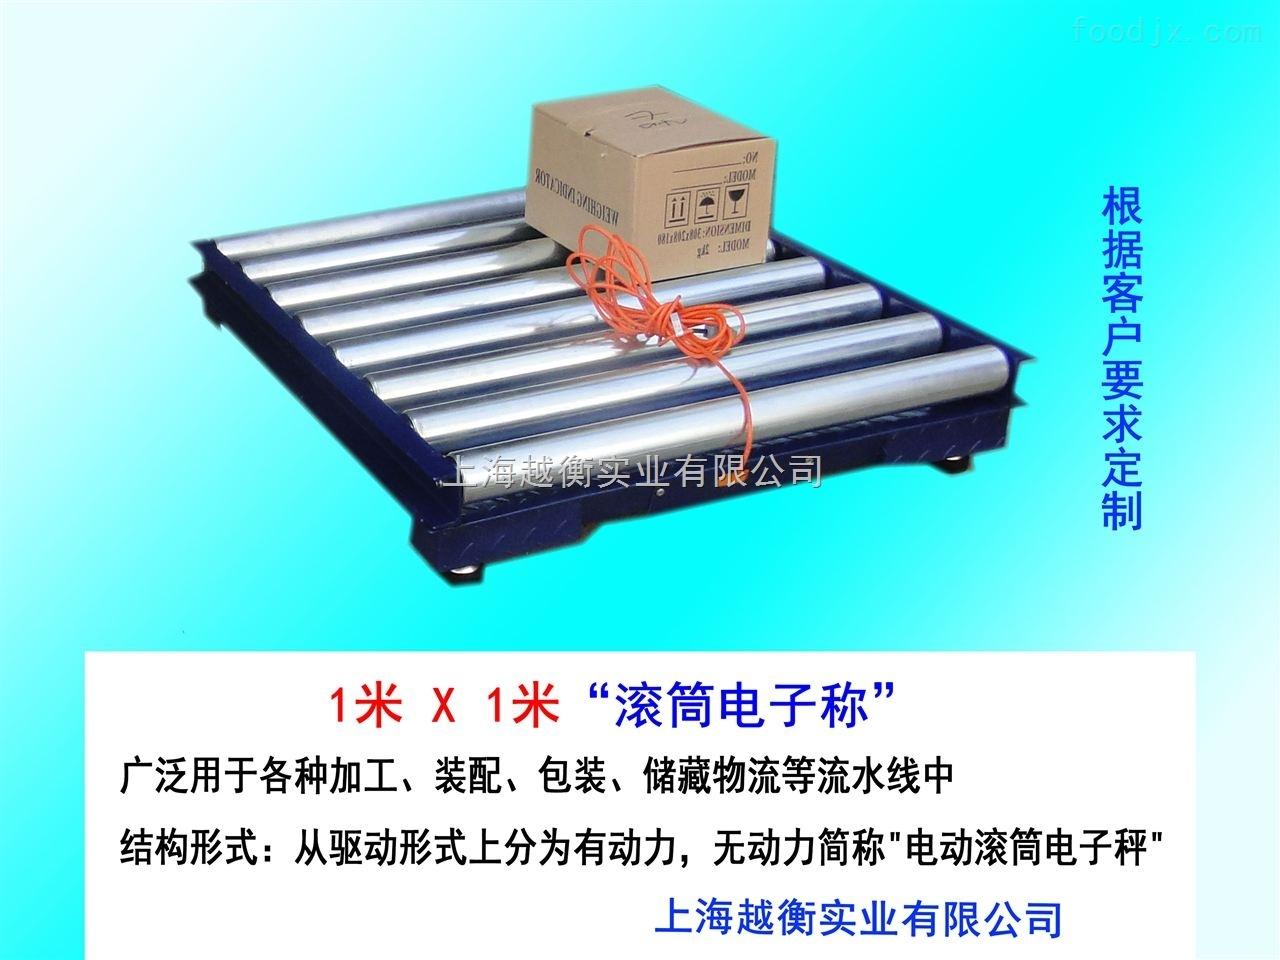 60KG滚筒电子秤多少钱 品牌电子滚筒秤